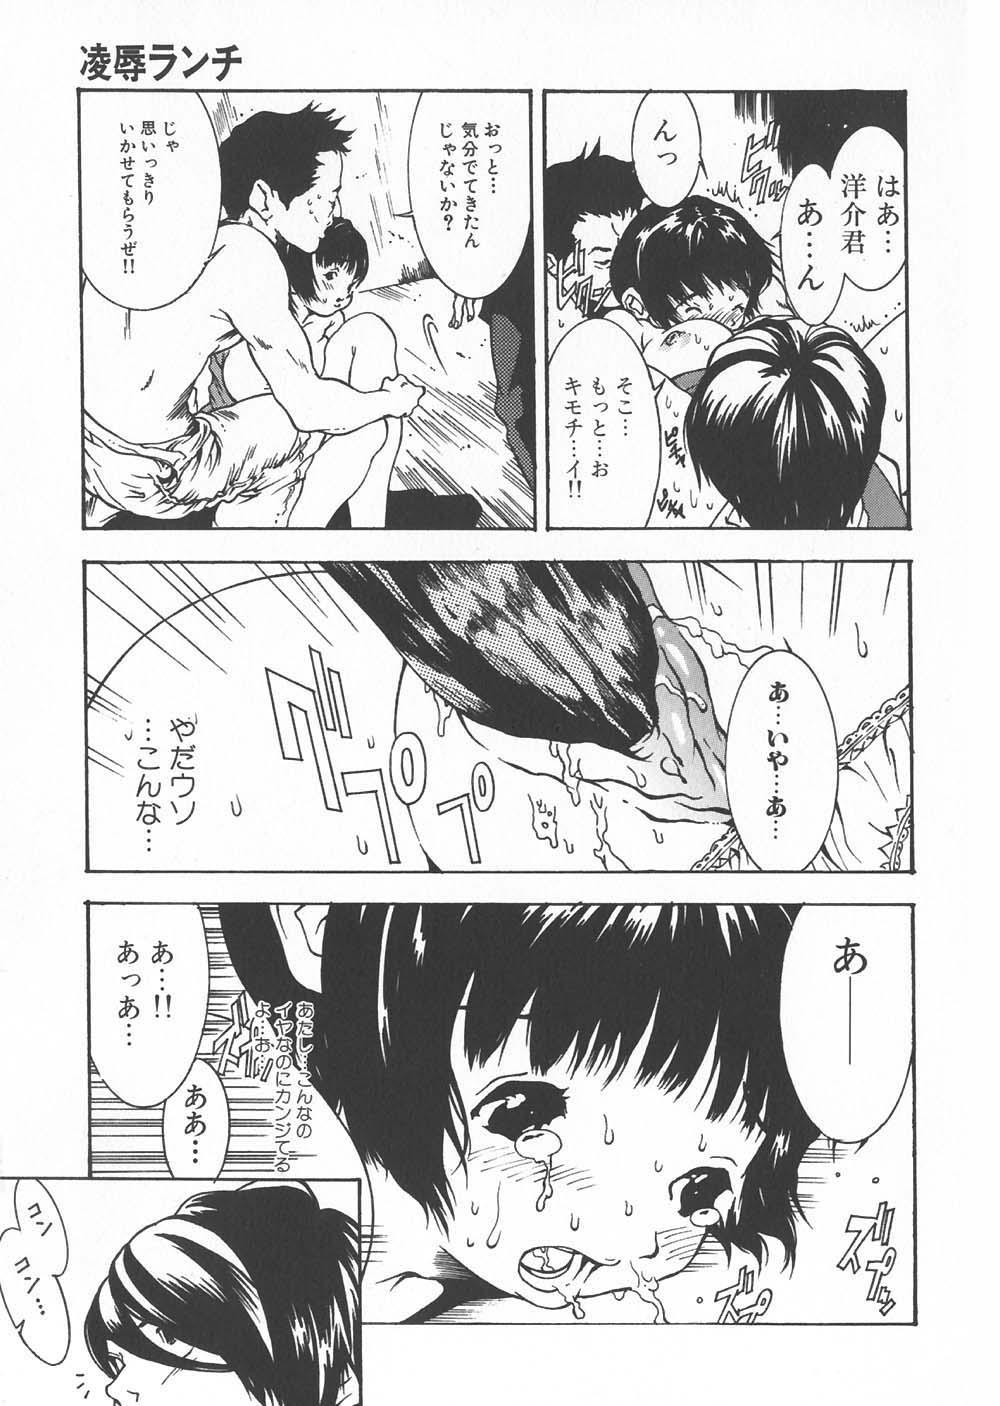 Gochuumon wa Okimari Desuka 94